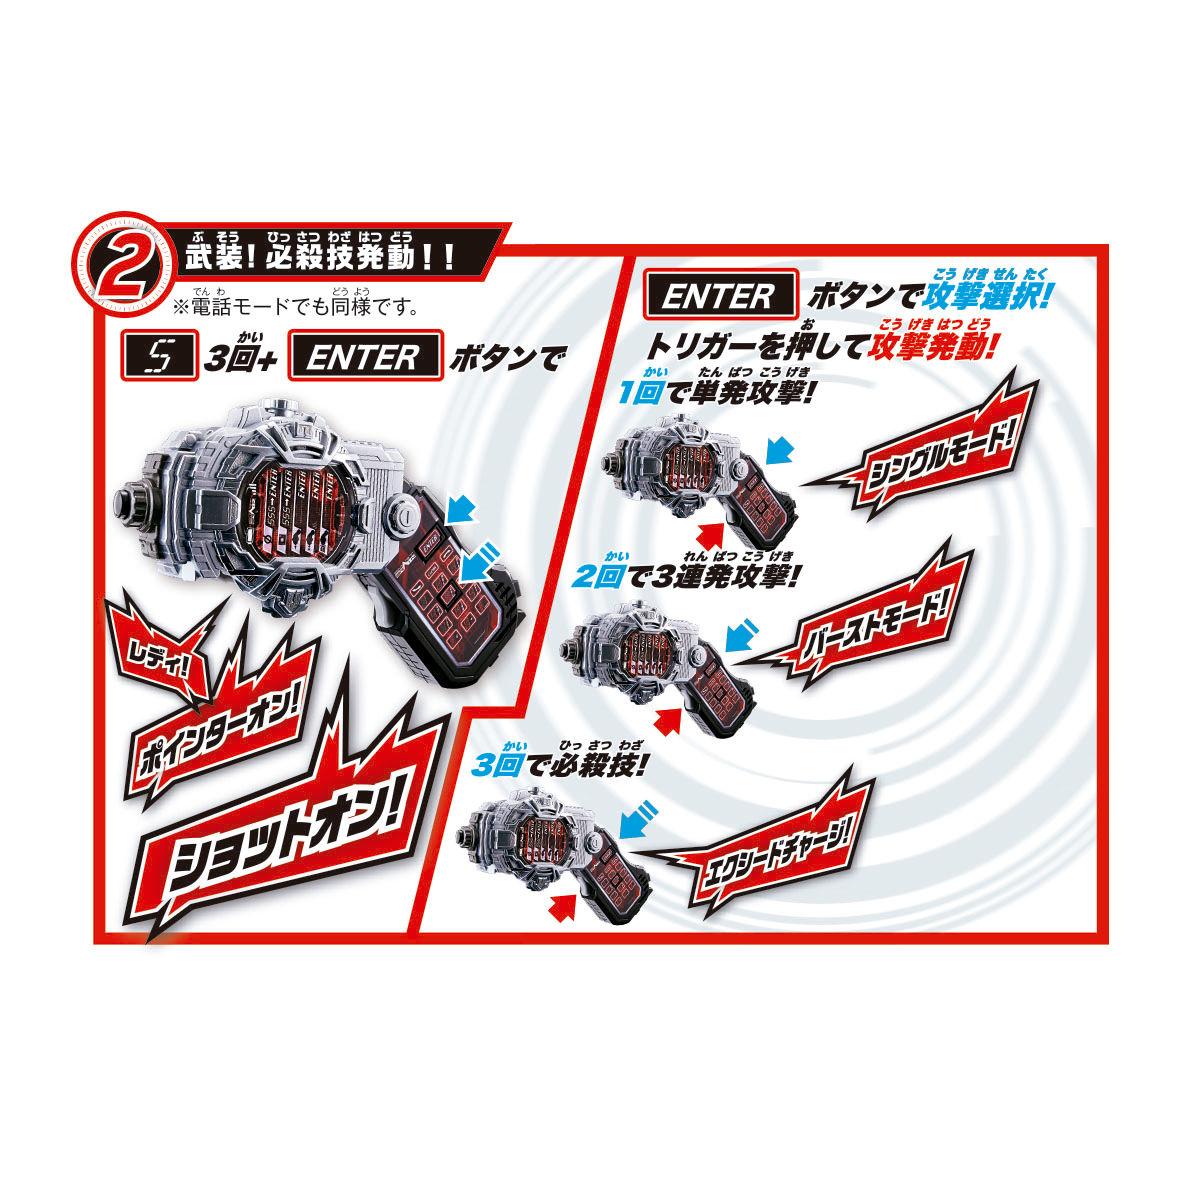 ライドガジェットシリーズ『DXファイズフォンX(テン)』仮面ライダージオウ  変身なりきり-008